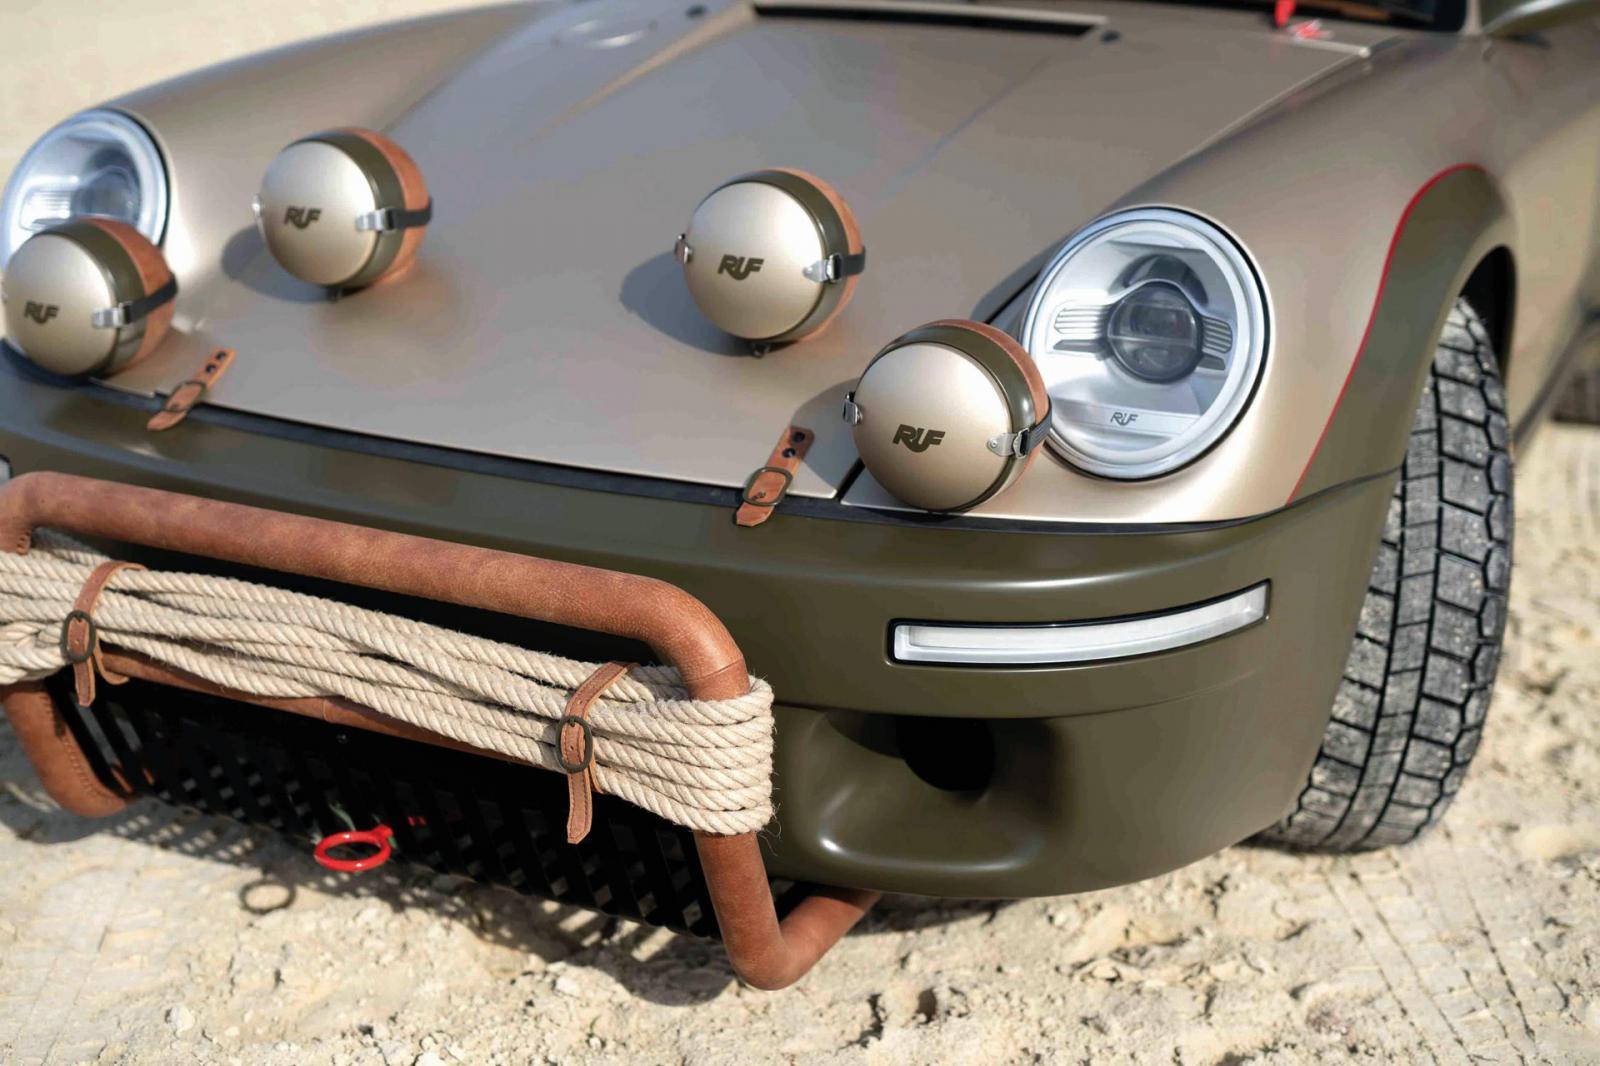 Ruf Rodeo Porsche Safari luces